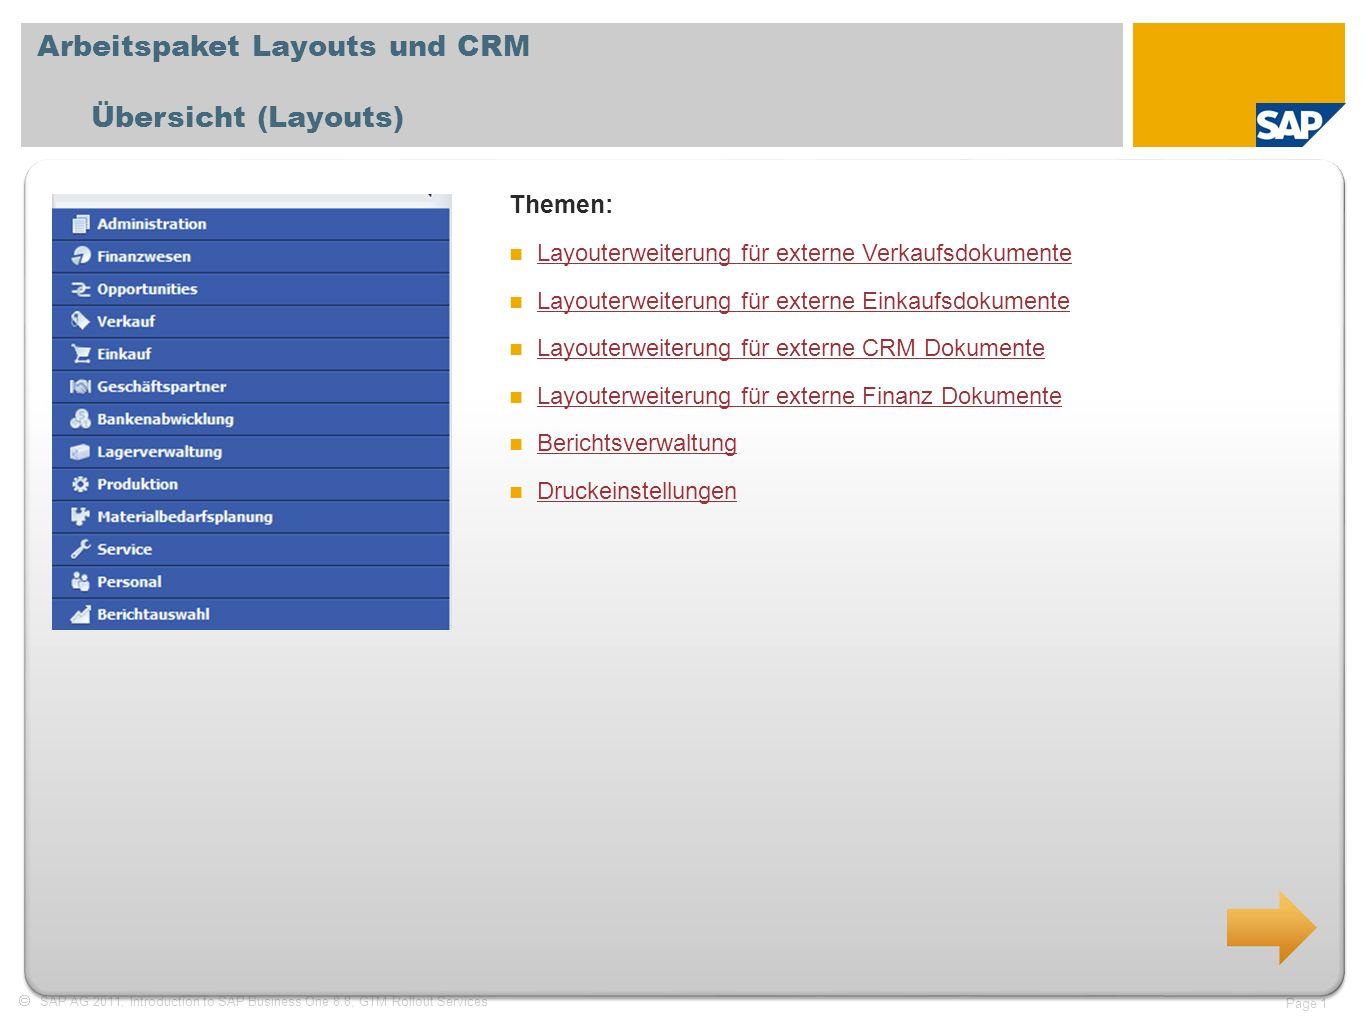 Arbeitspaket Layouts und CRM Übersicht (Layouts)